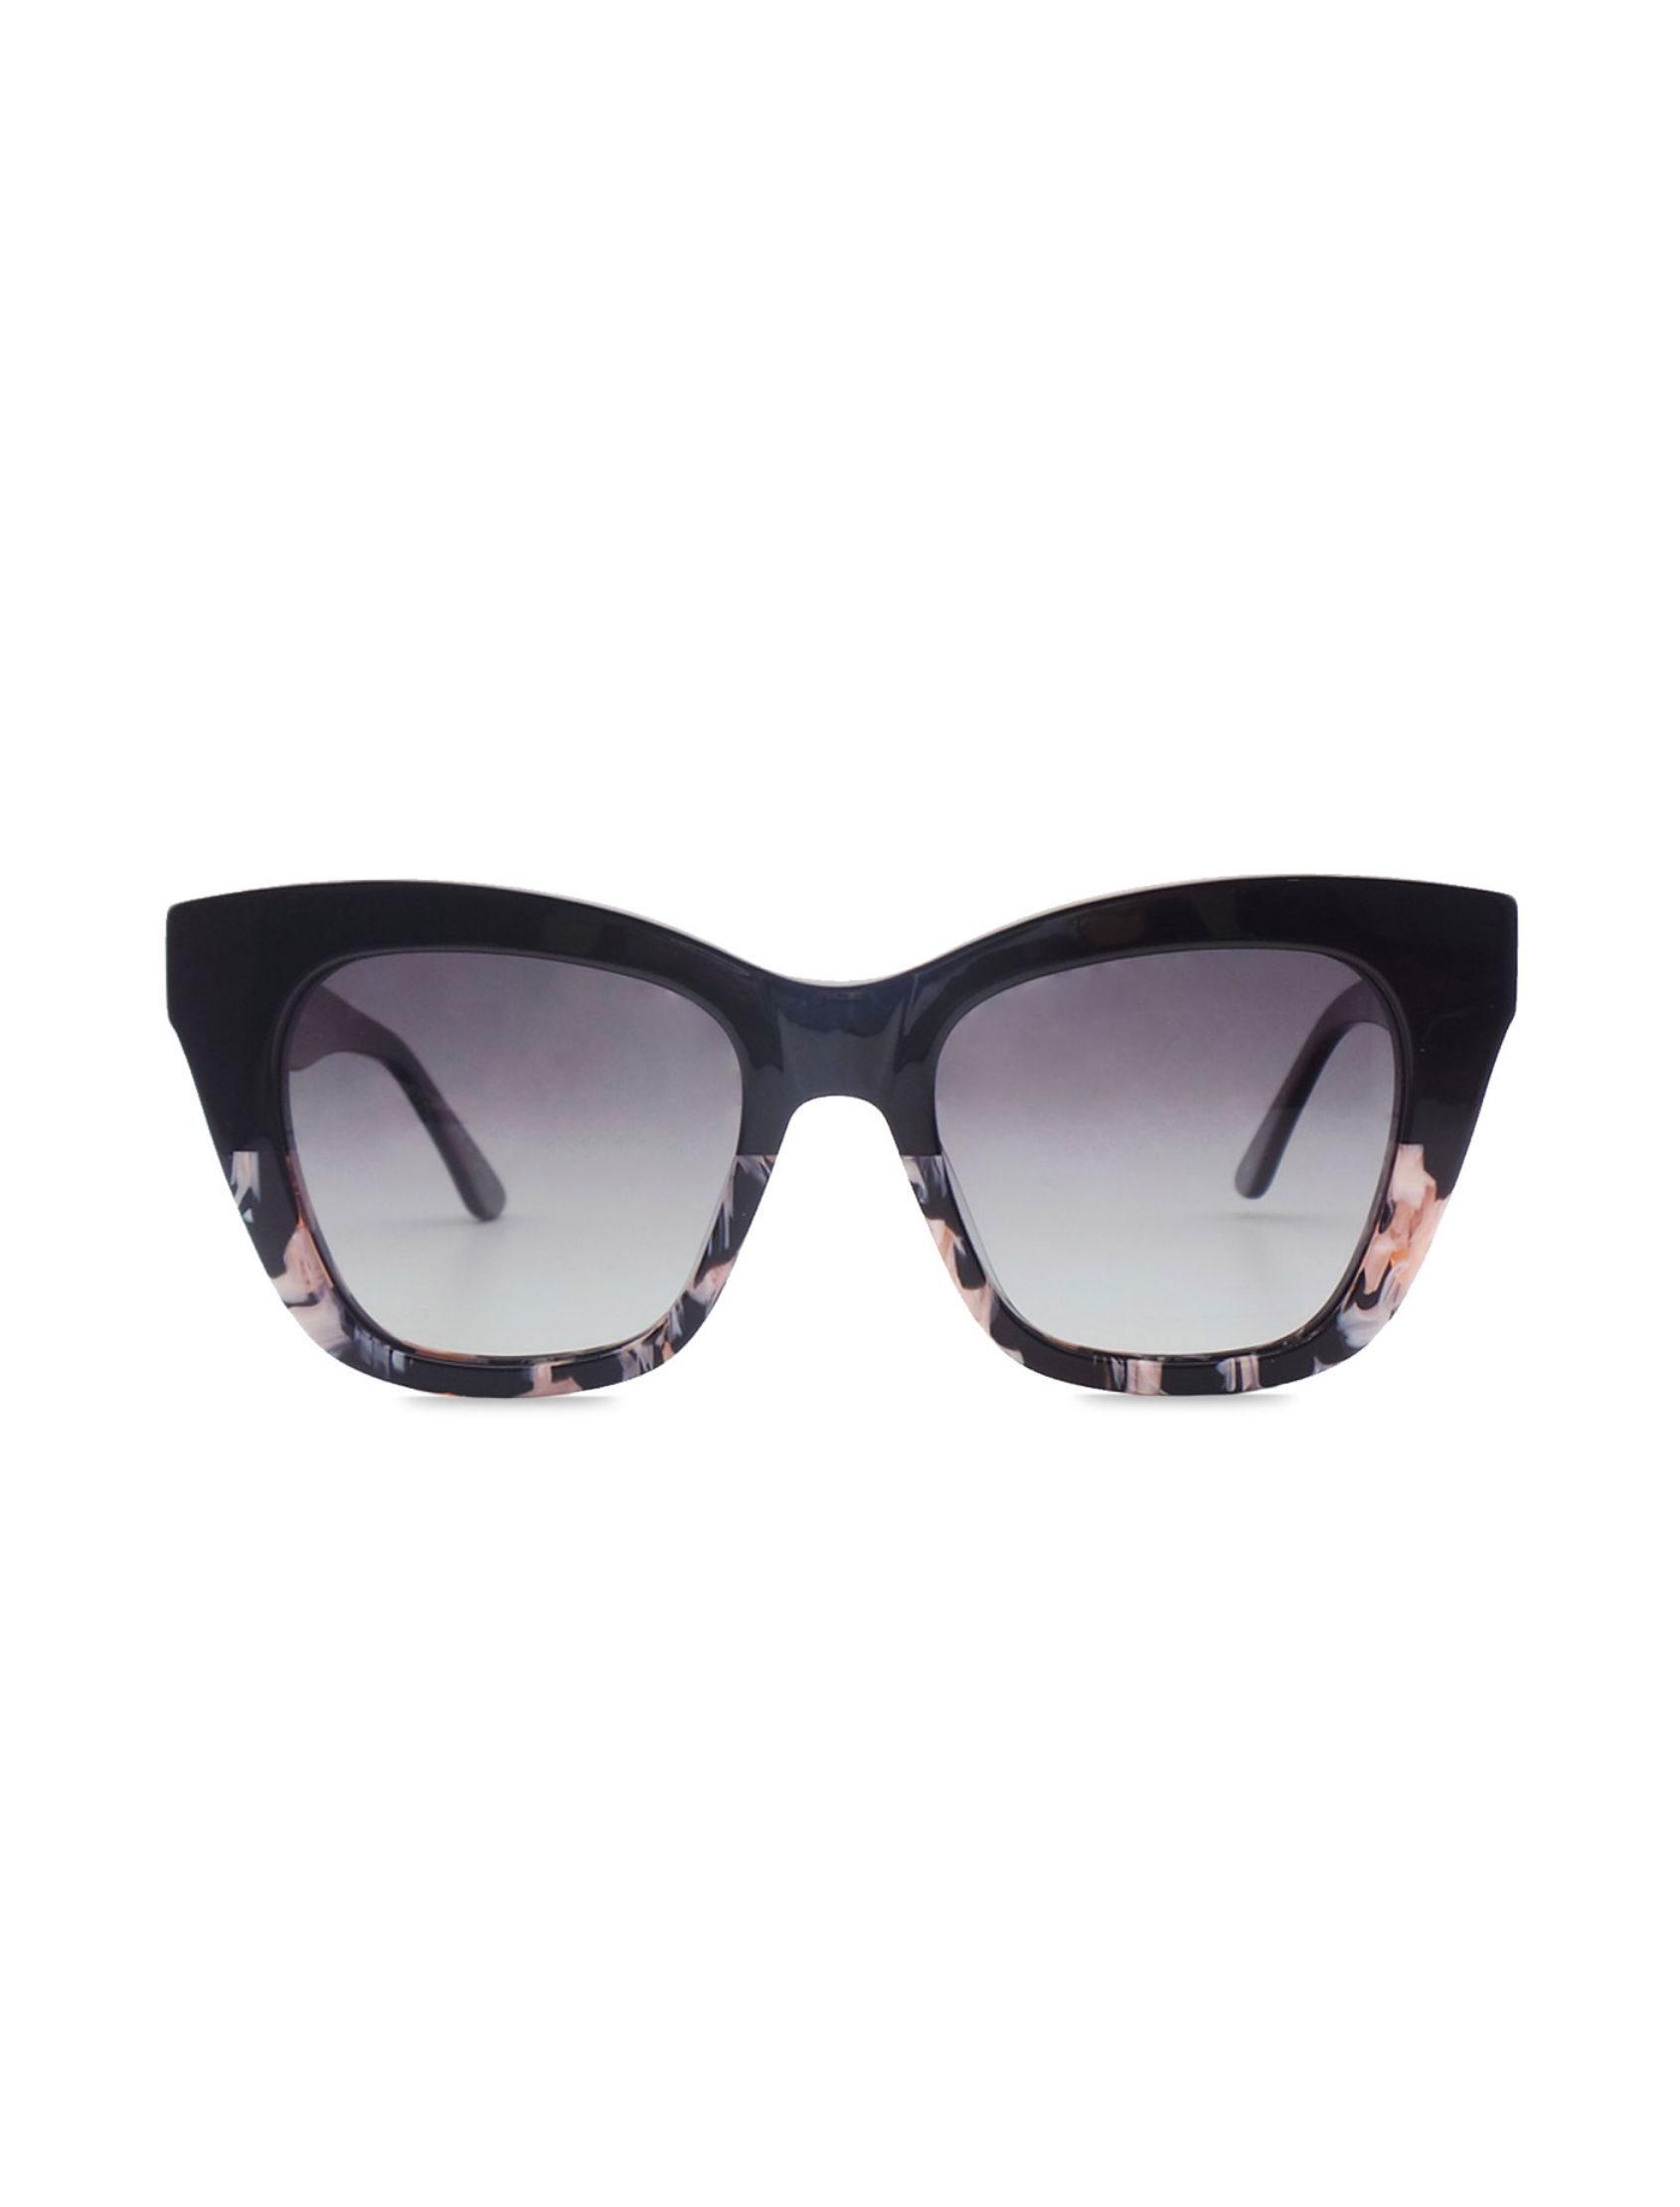 gafas de sol june peony con lente oscura en negro con carei rosa